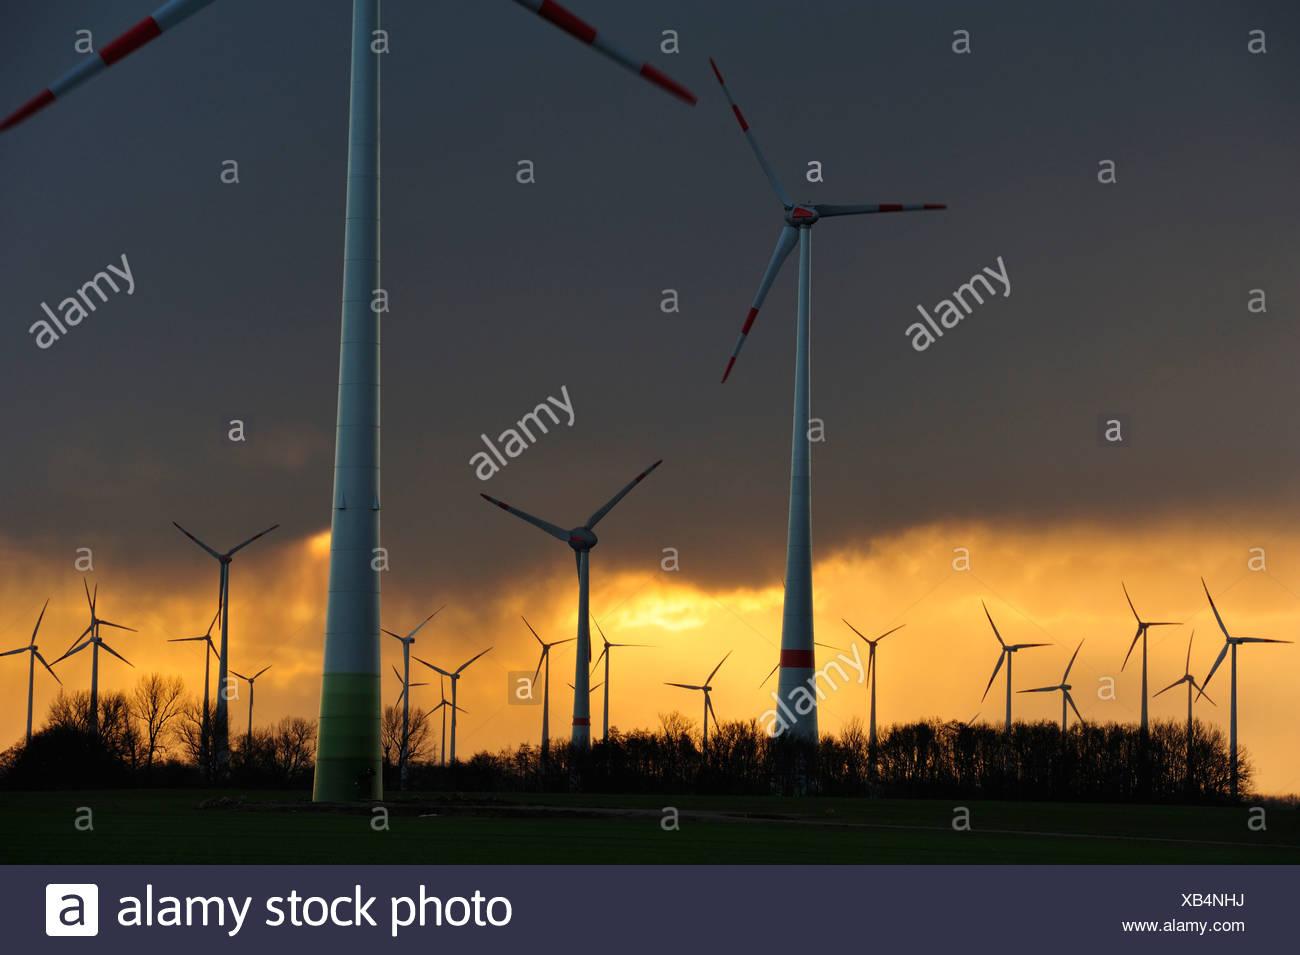 Wind farm, near Werder, Mecklenburg-Vorpommern, Germany - Stock Image